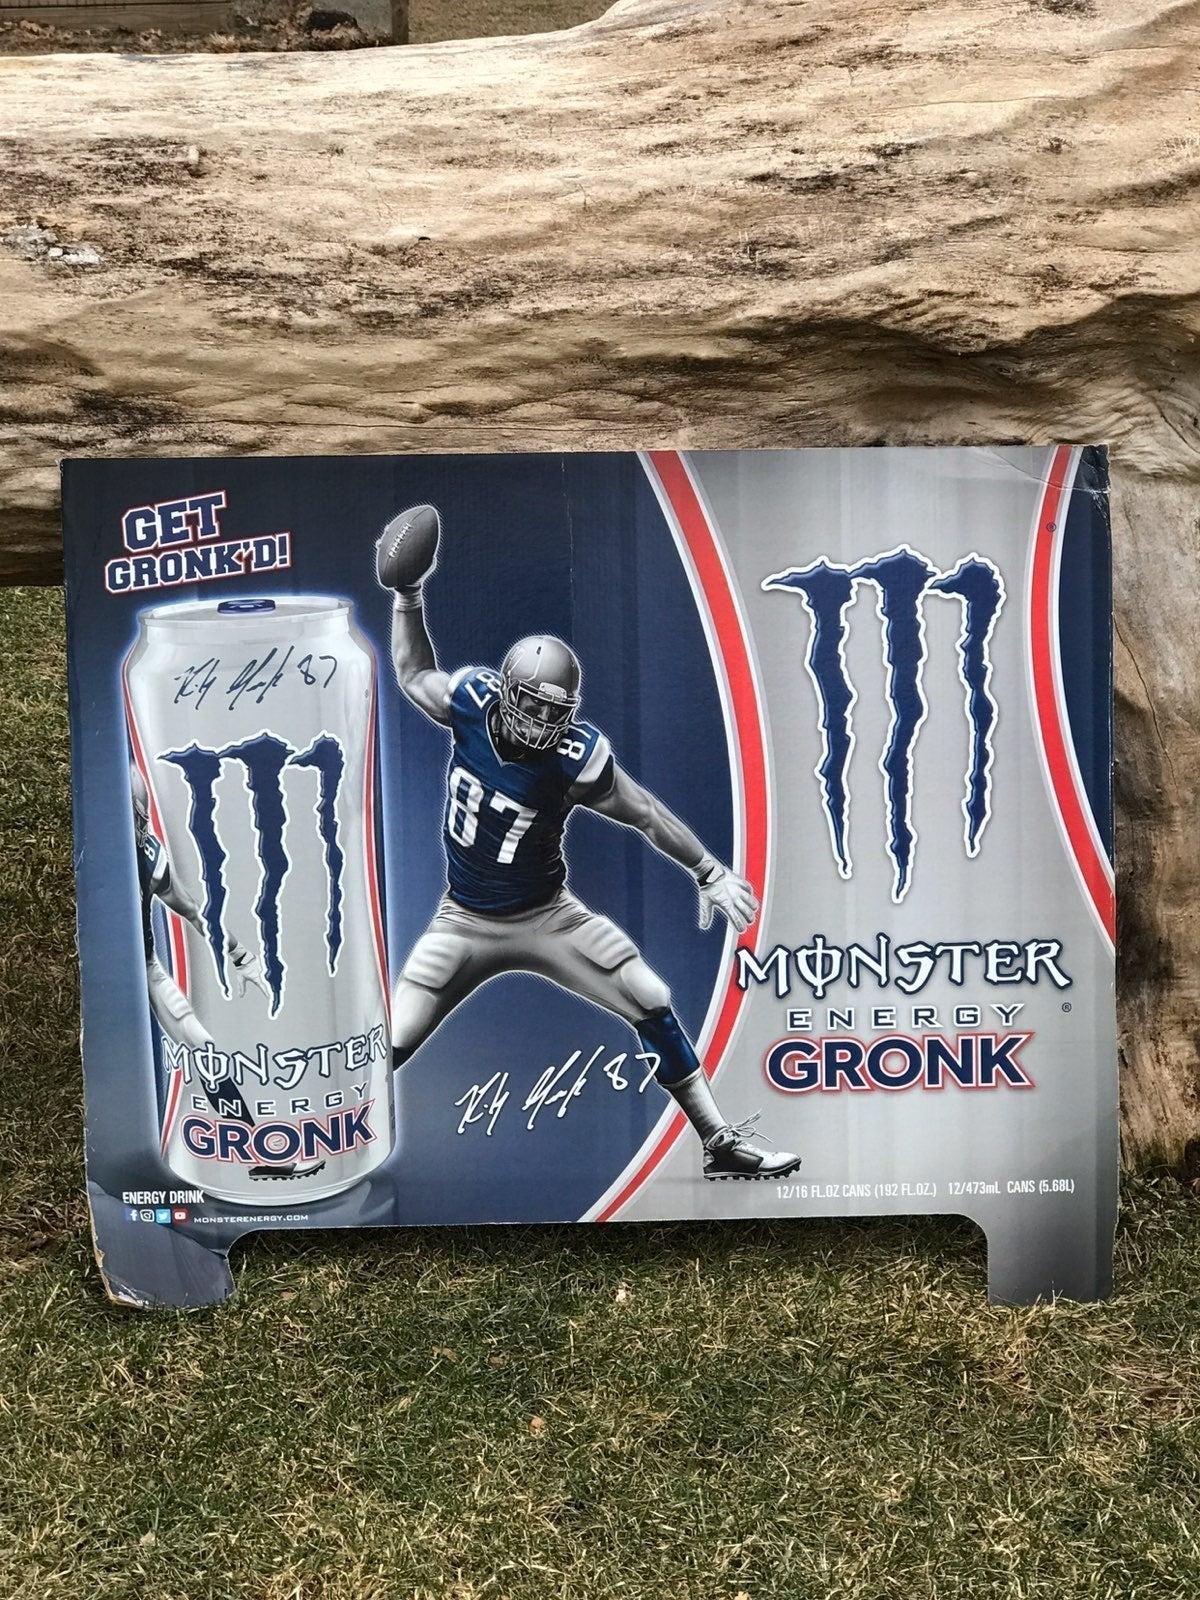 Monster Energy Gronk Poster Board